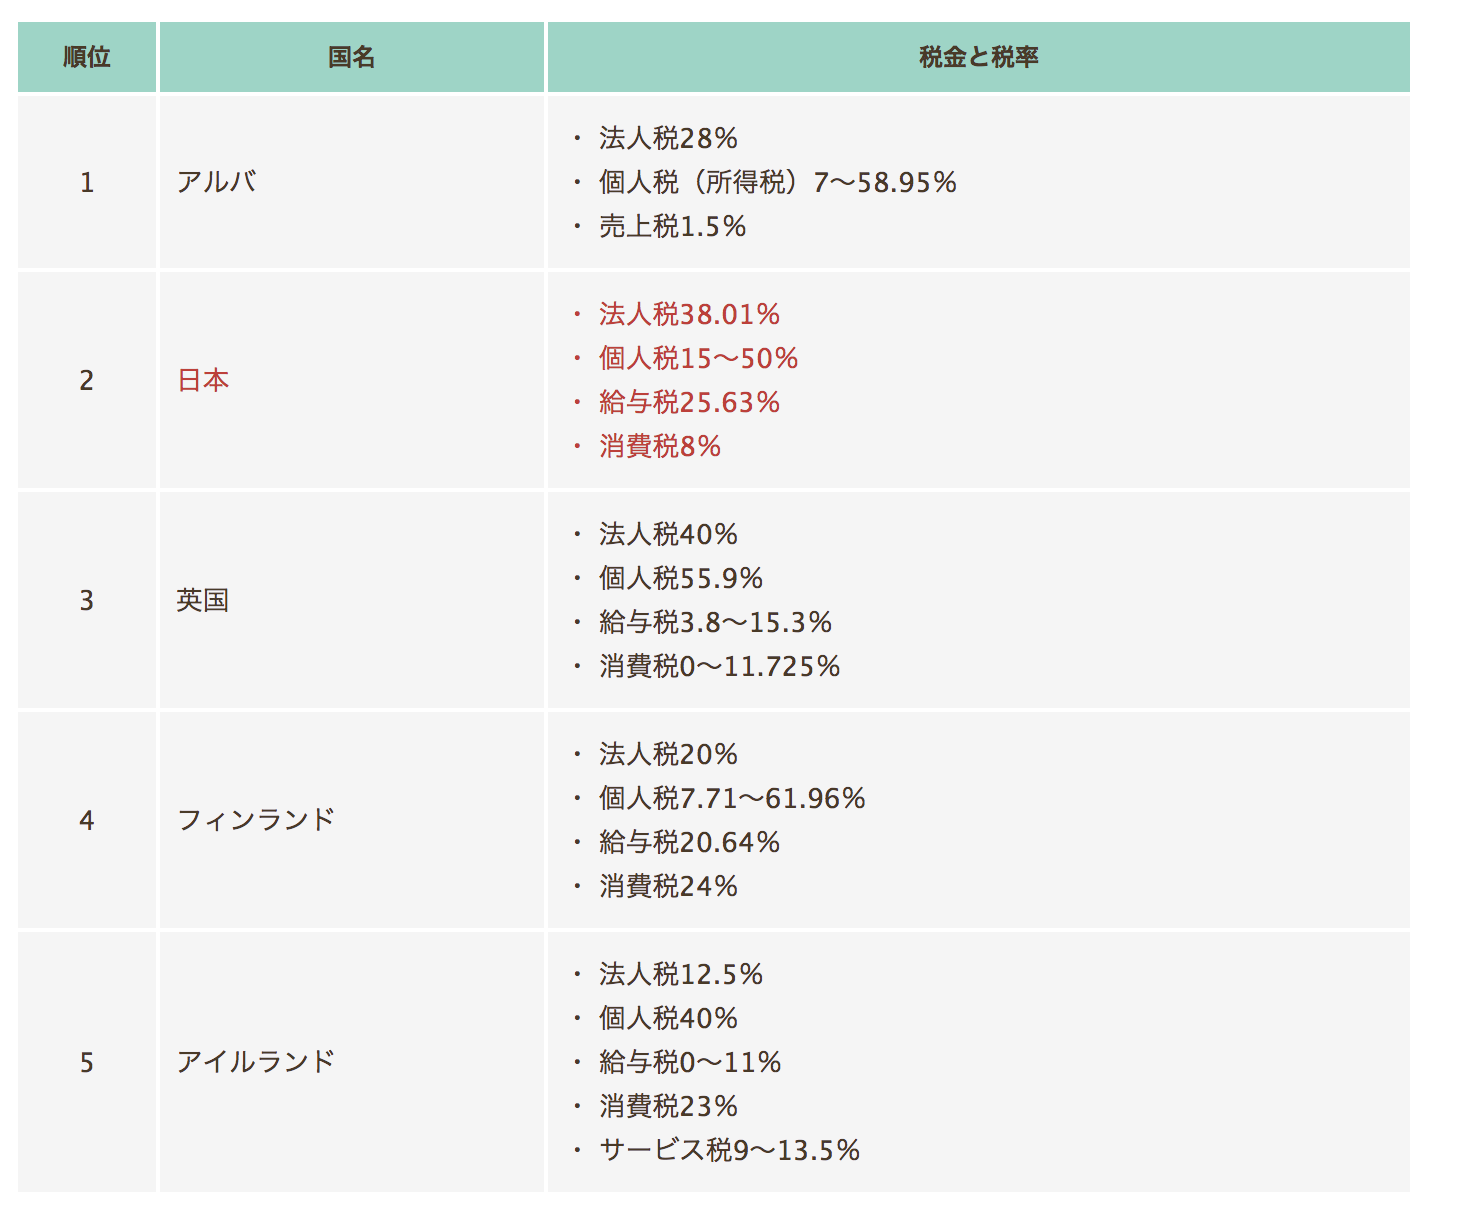 日本 重税ランキング 2位